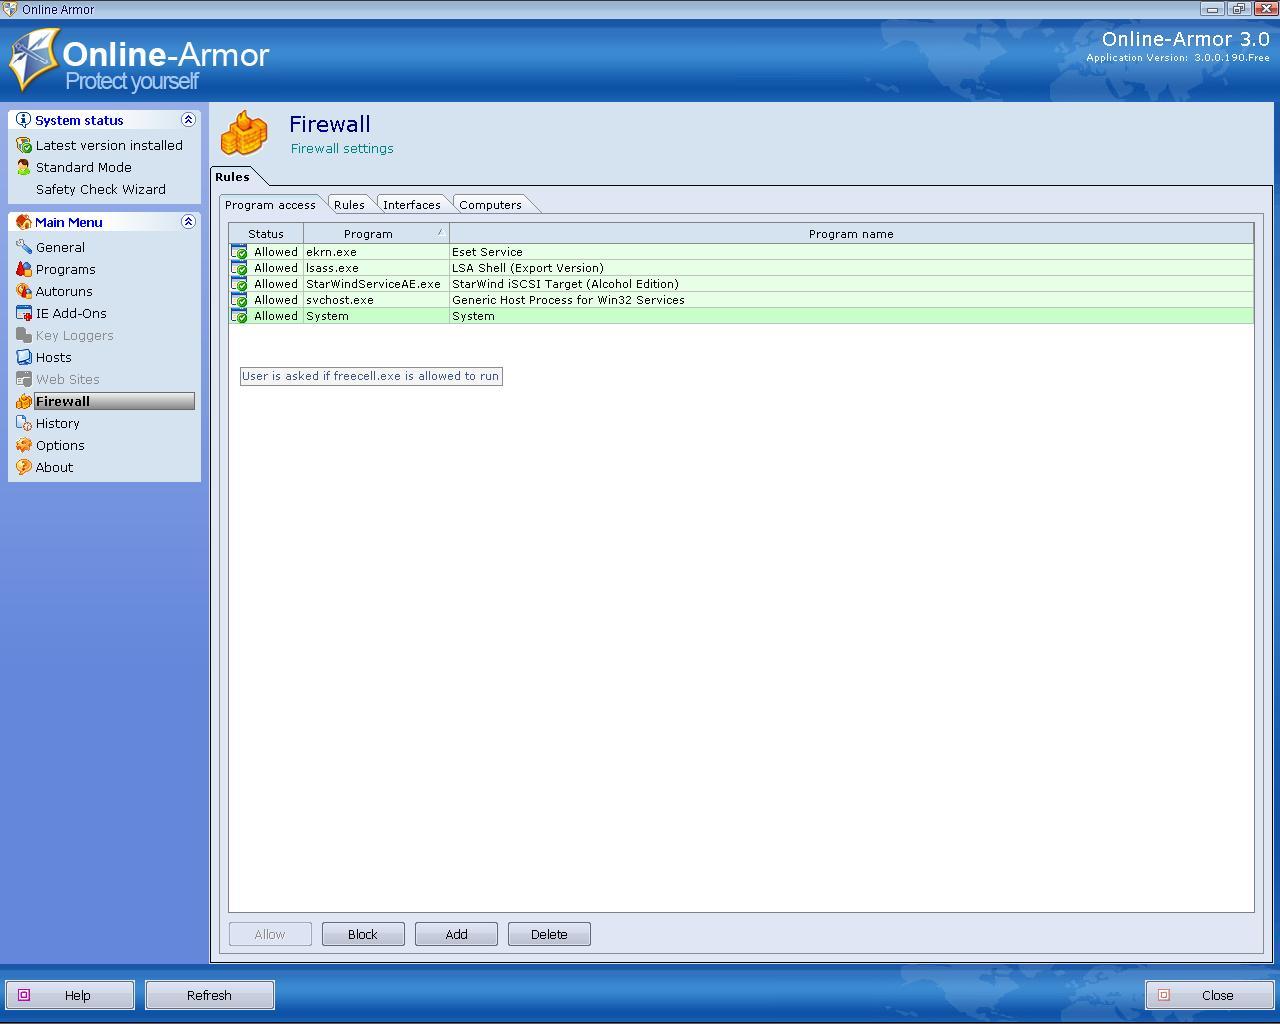 Online Armor Personal Firewall v.3.0.0.190 скачать бесплатно